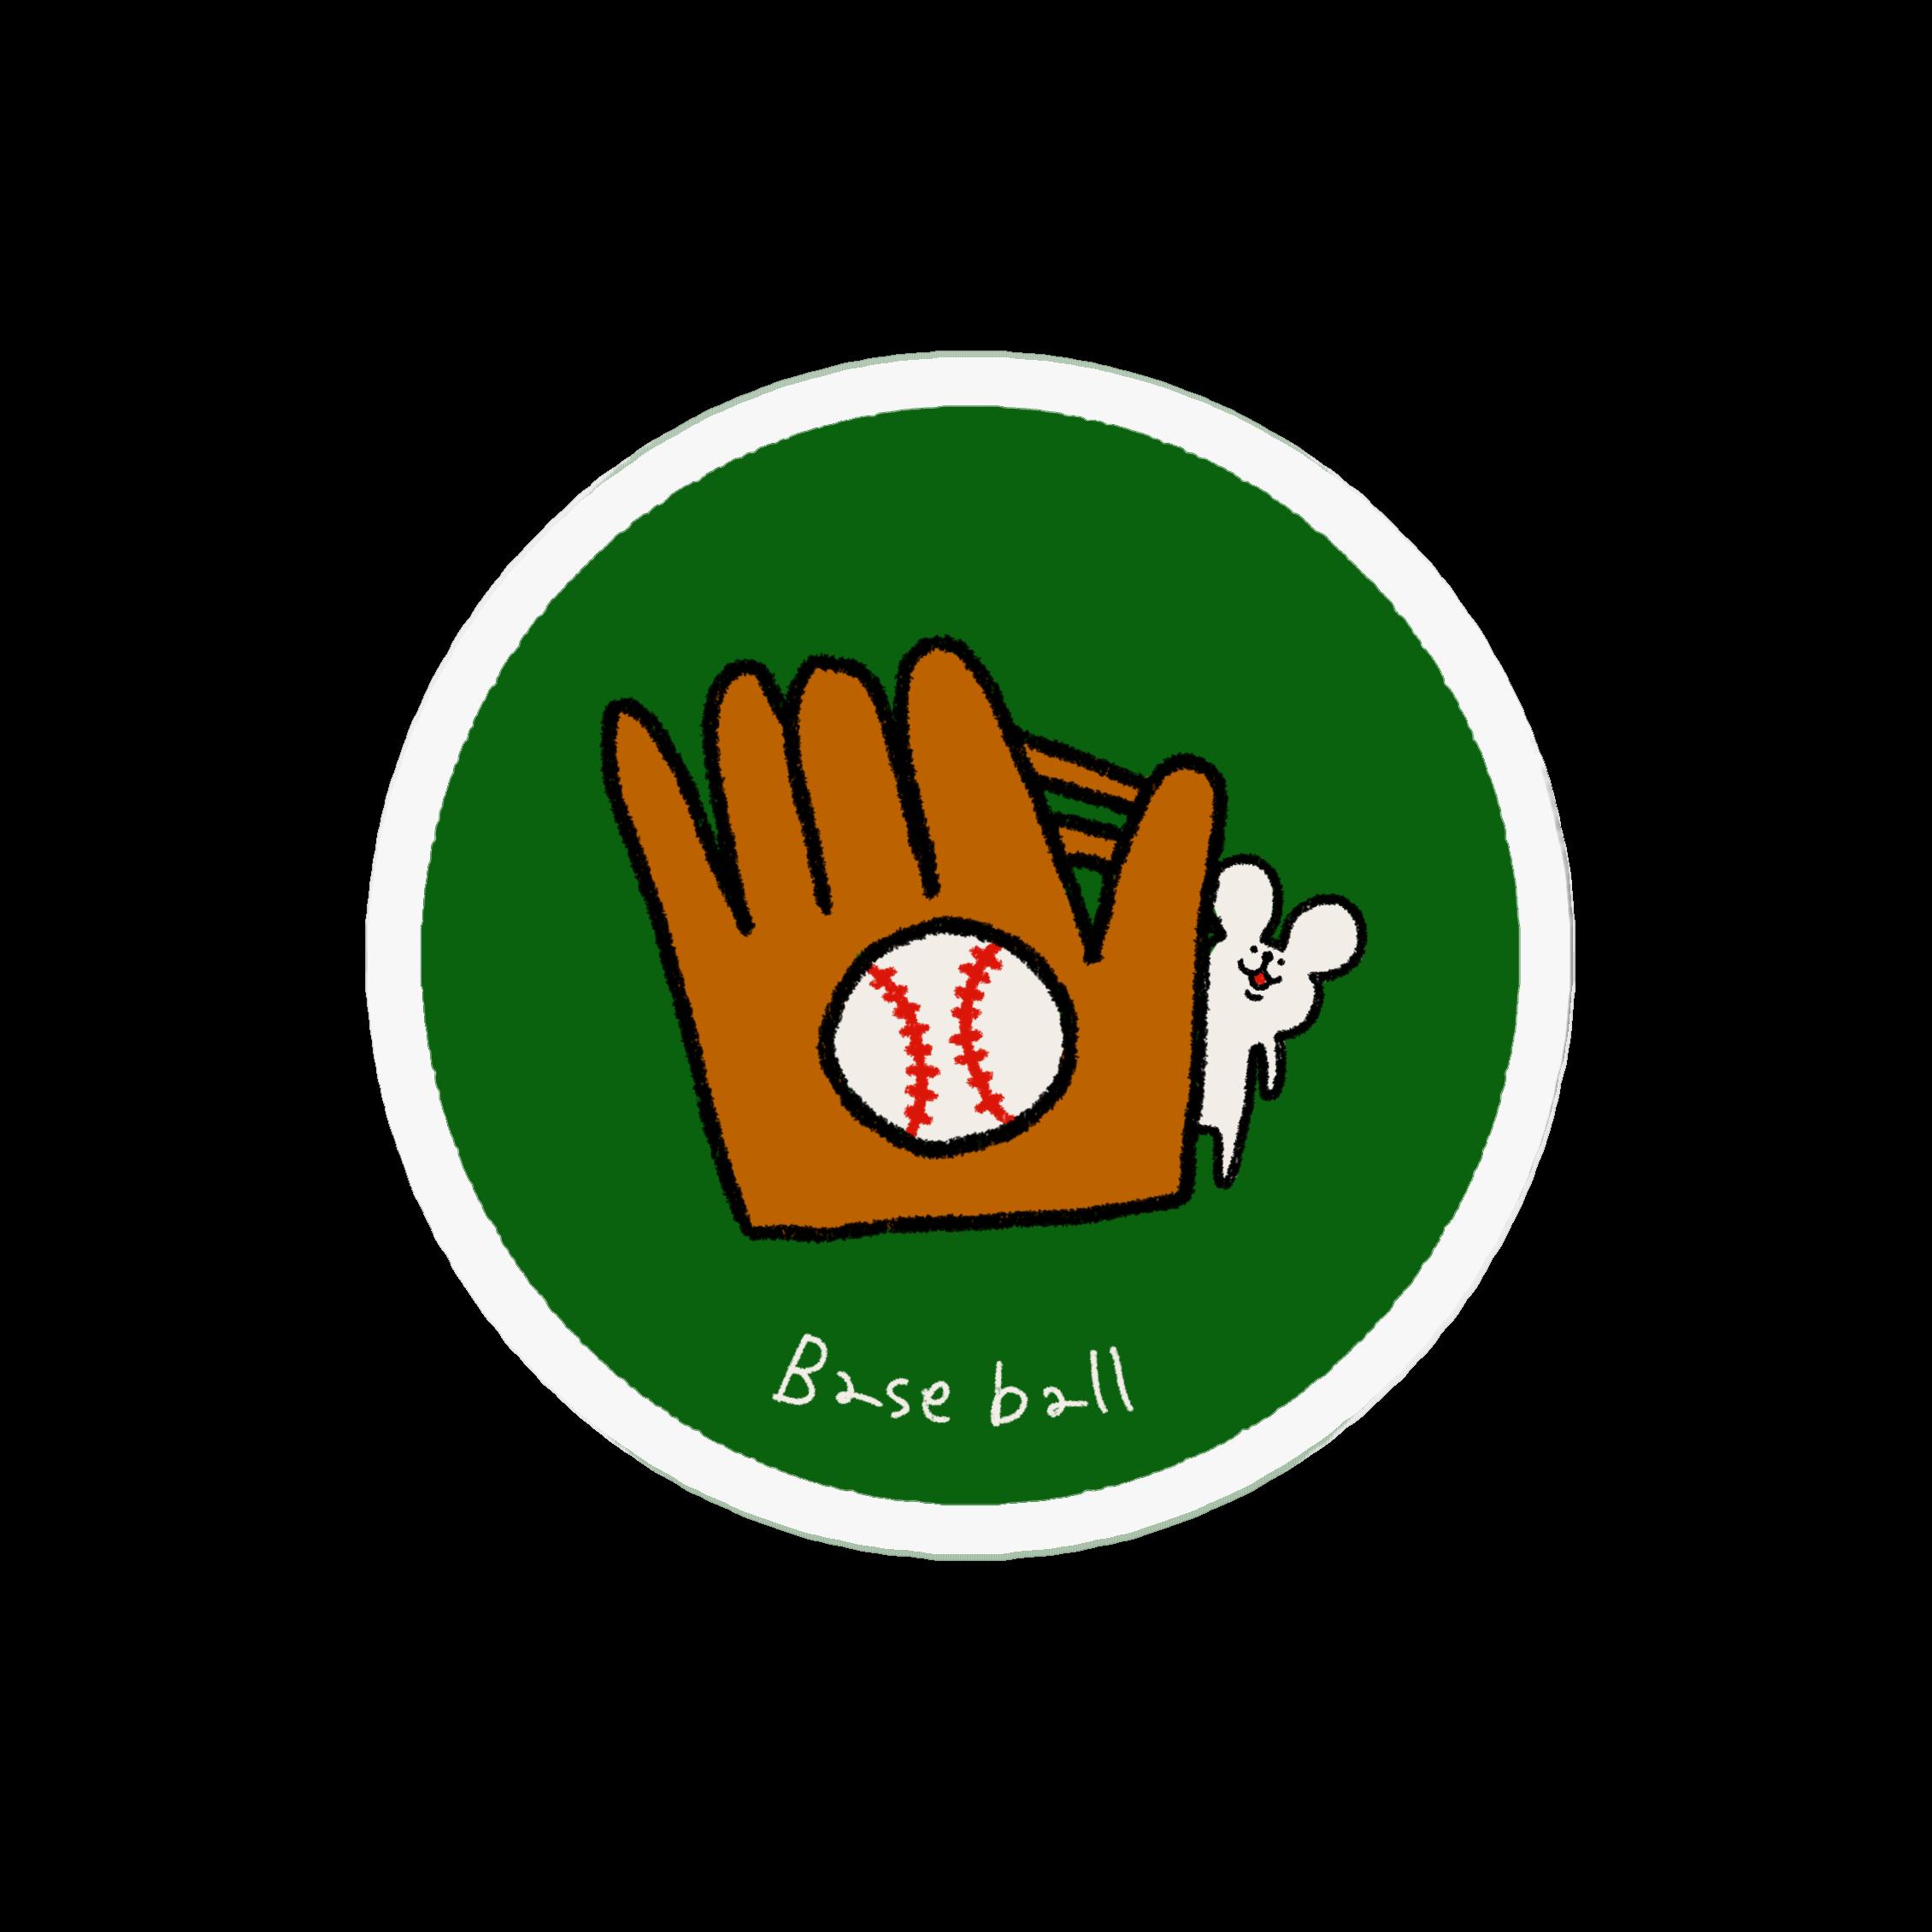 アクリルバッジ|野球が好きなあなたへ